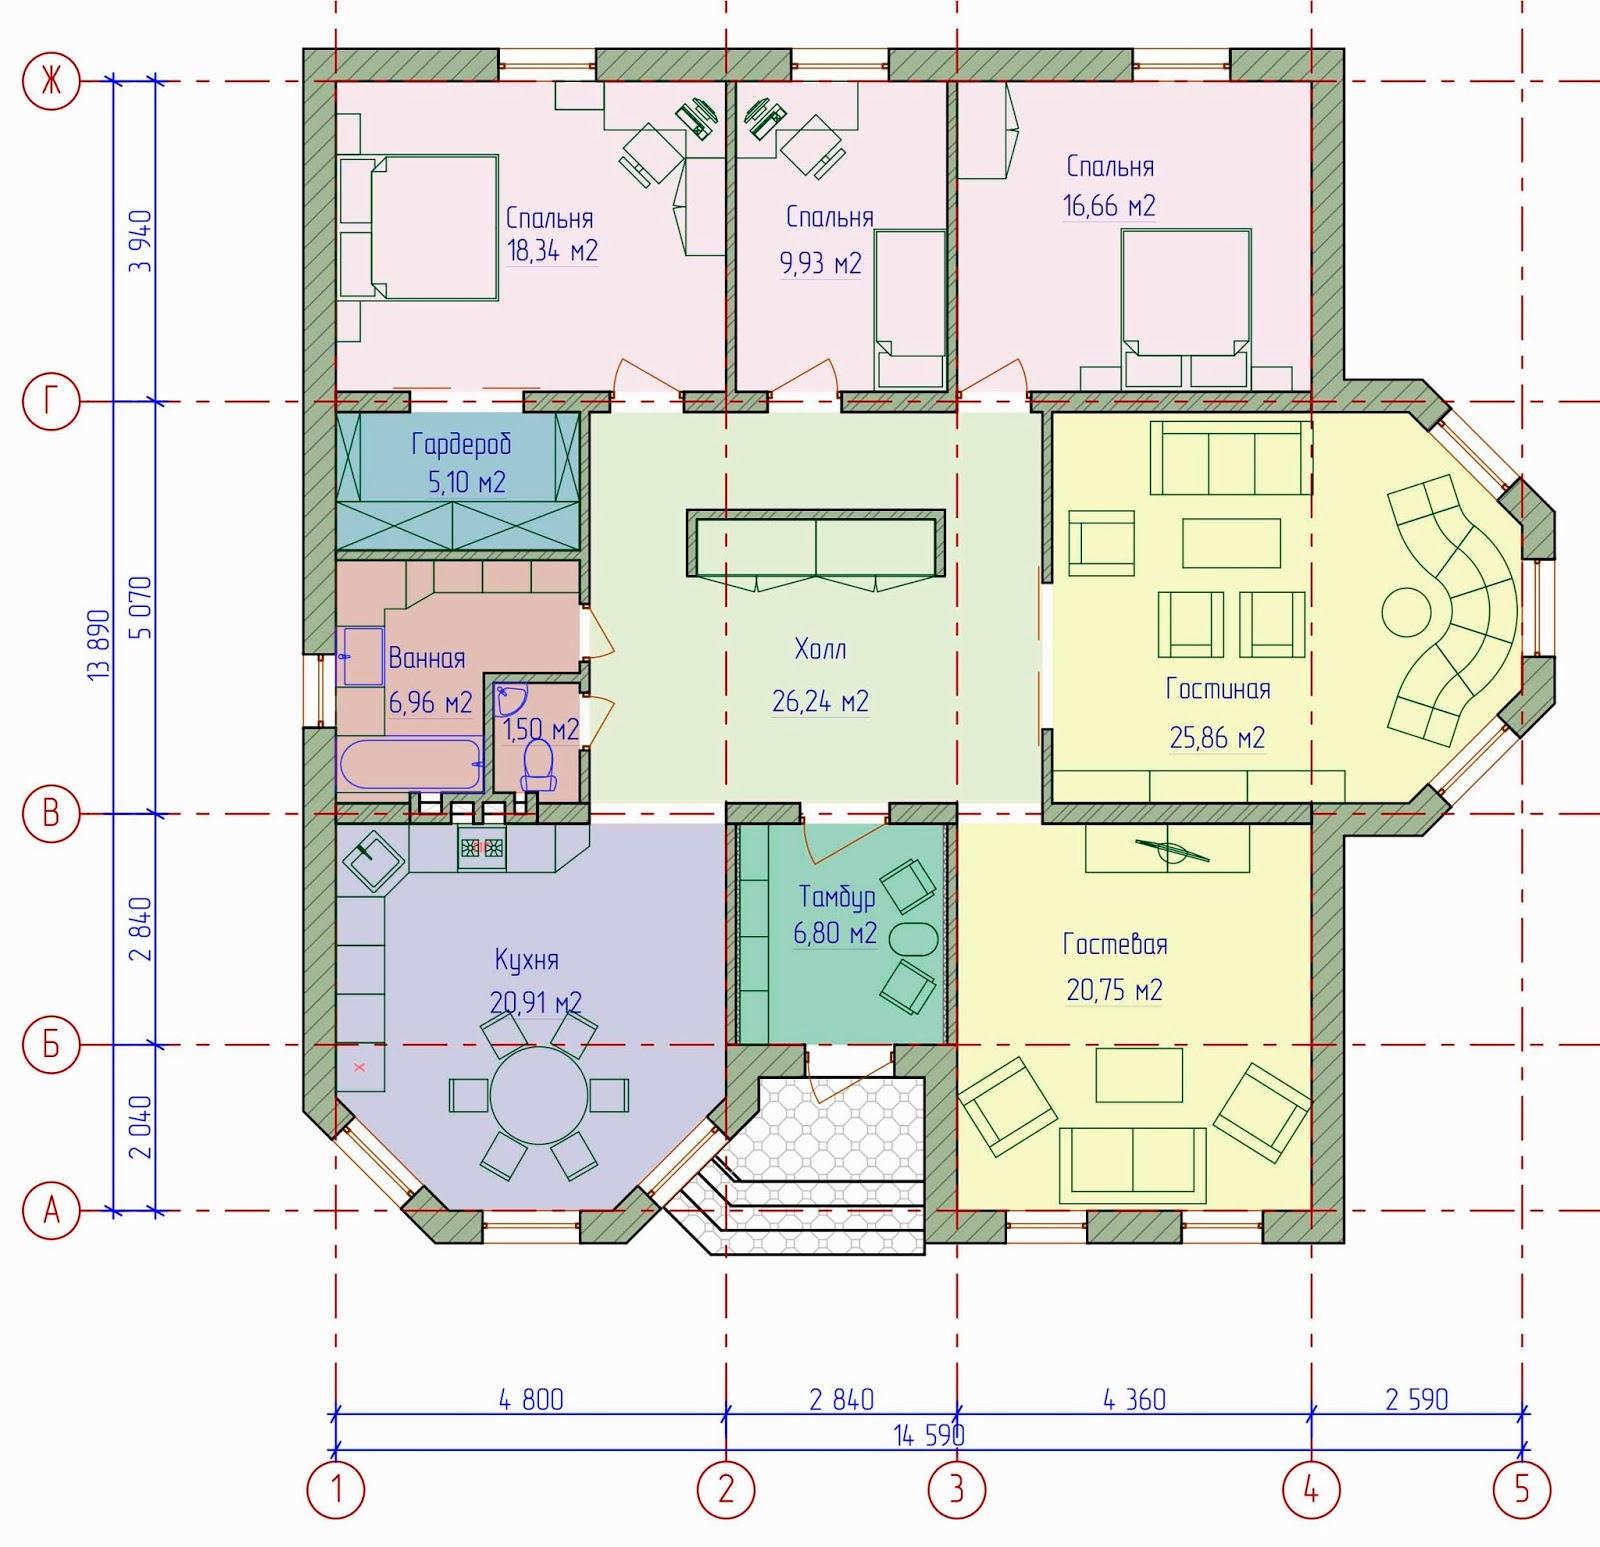 Серии жилых домов  Википедия